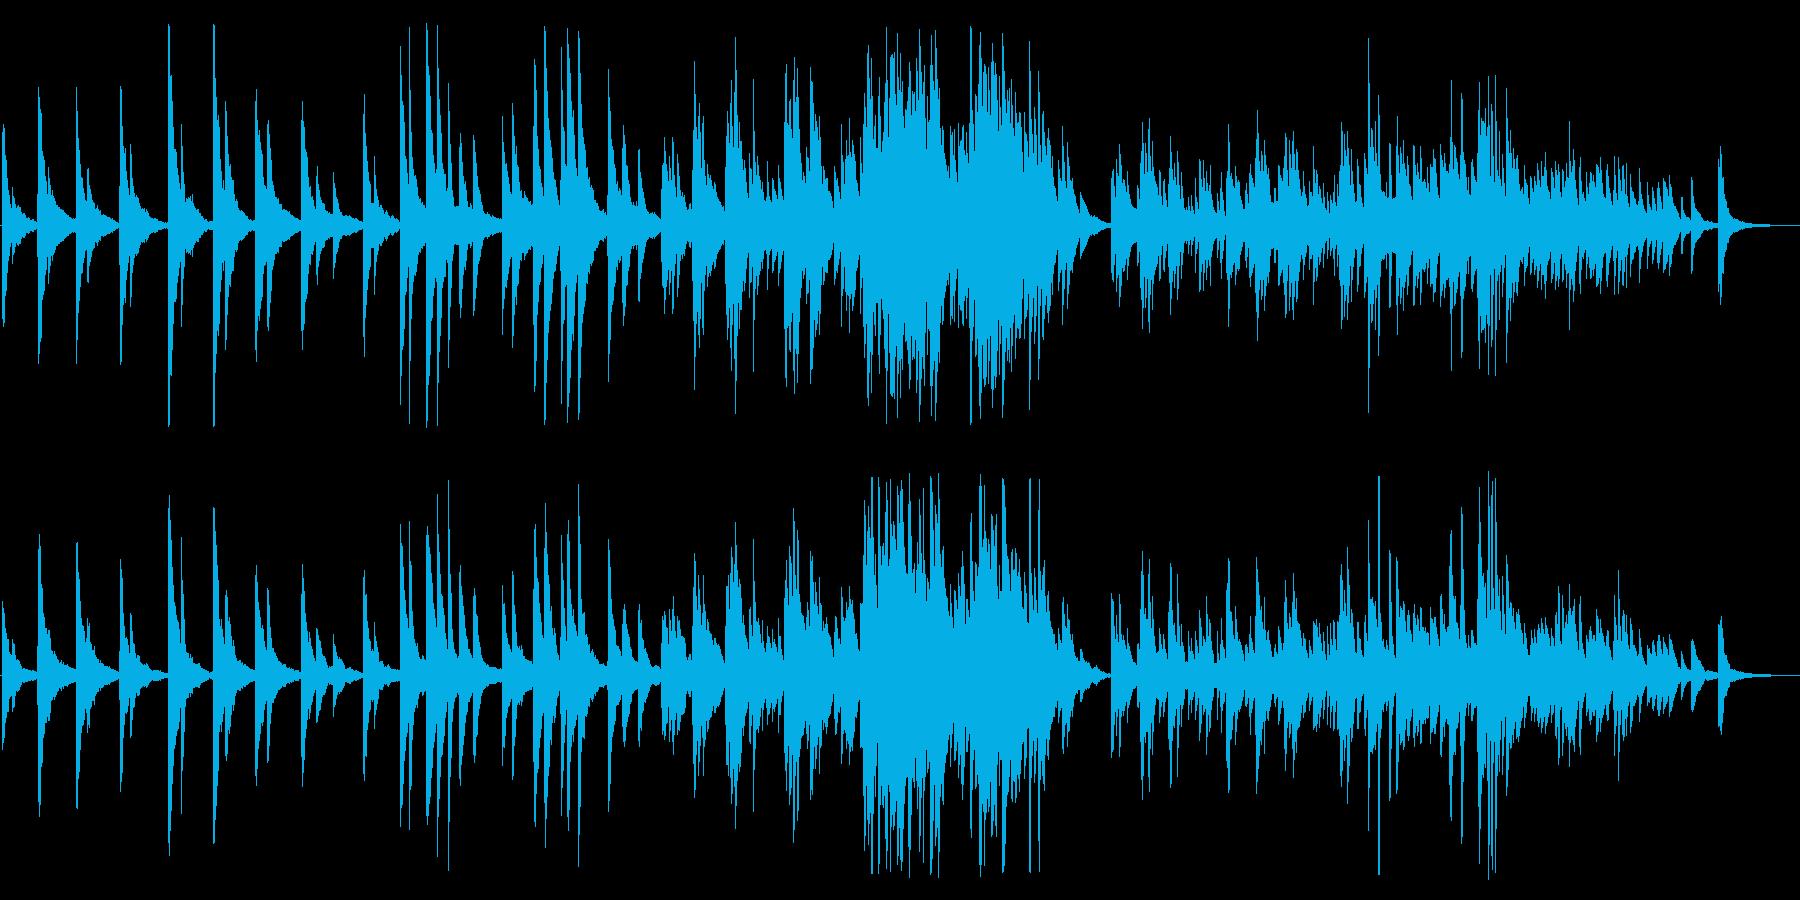 ゆったりとしたピアノに諭されるBGMの再生済みの波形